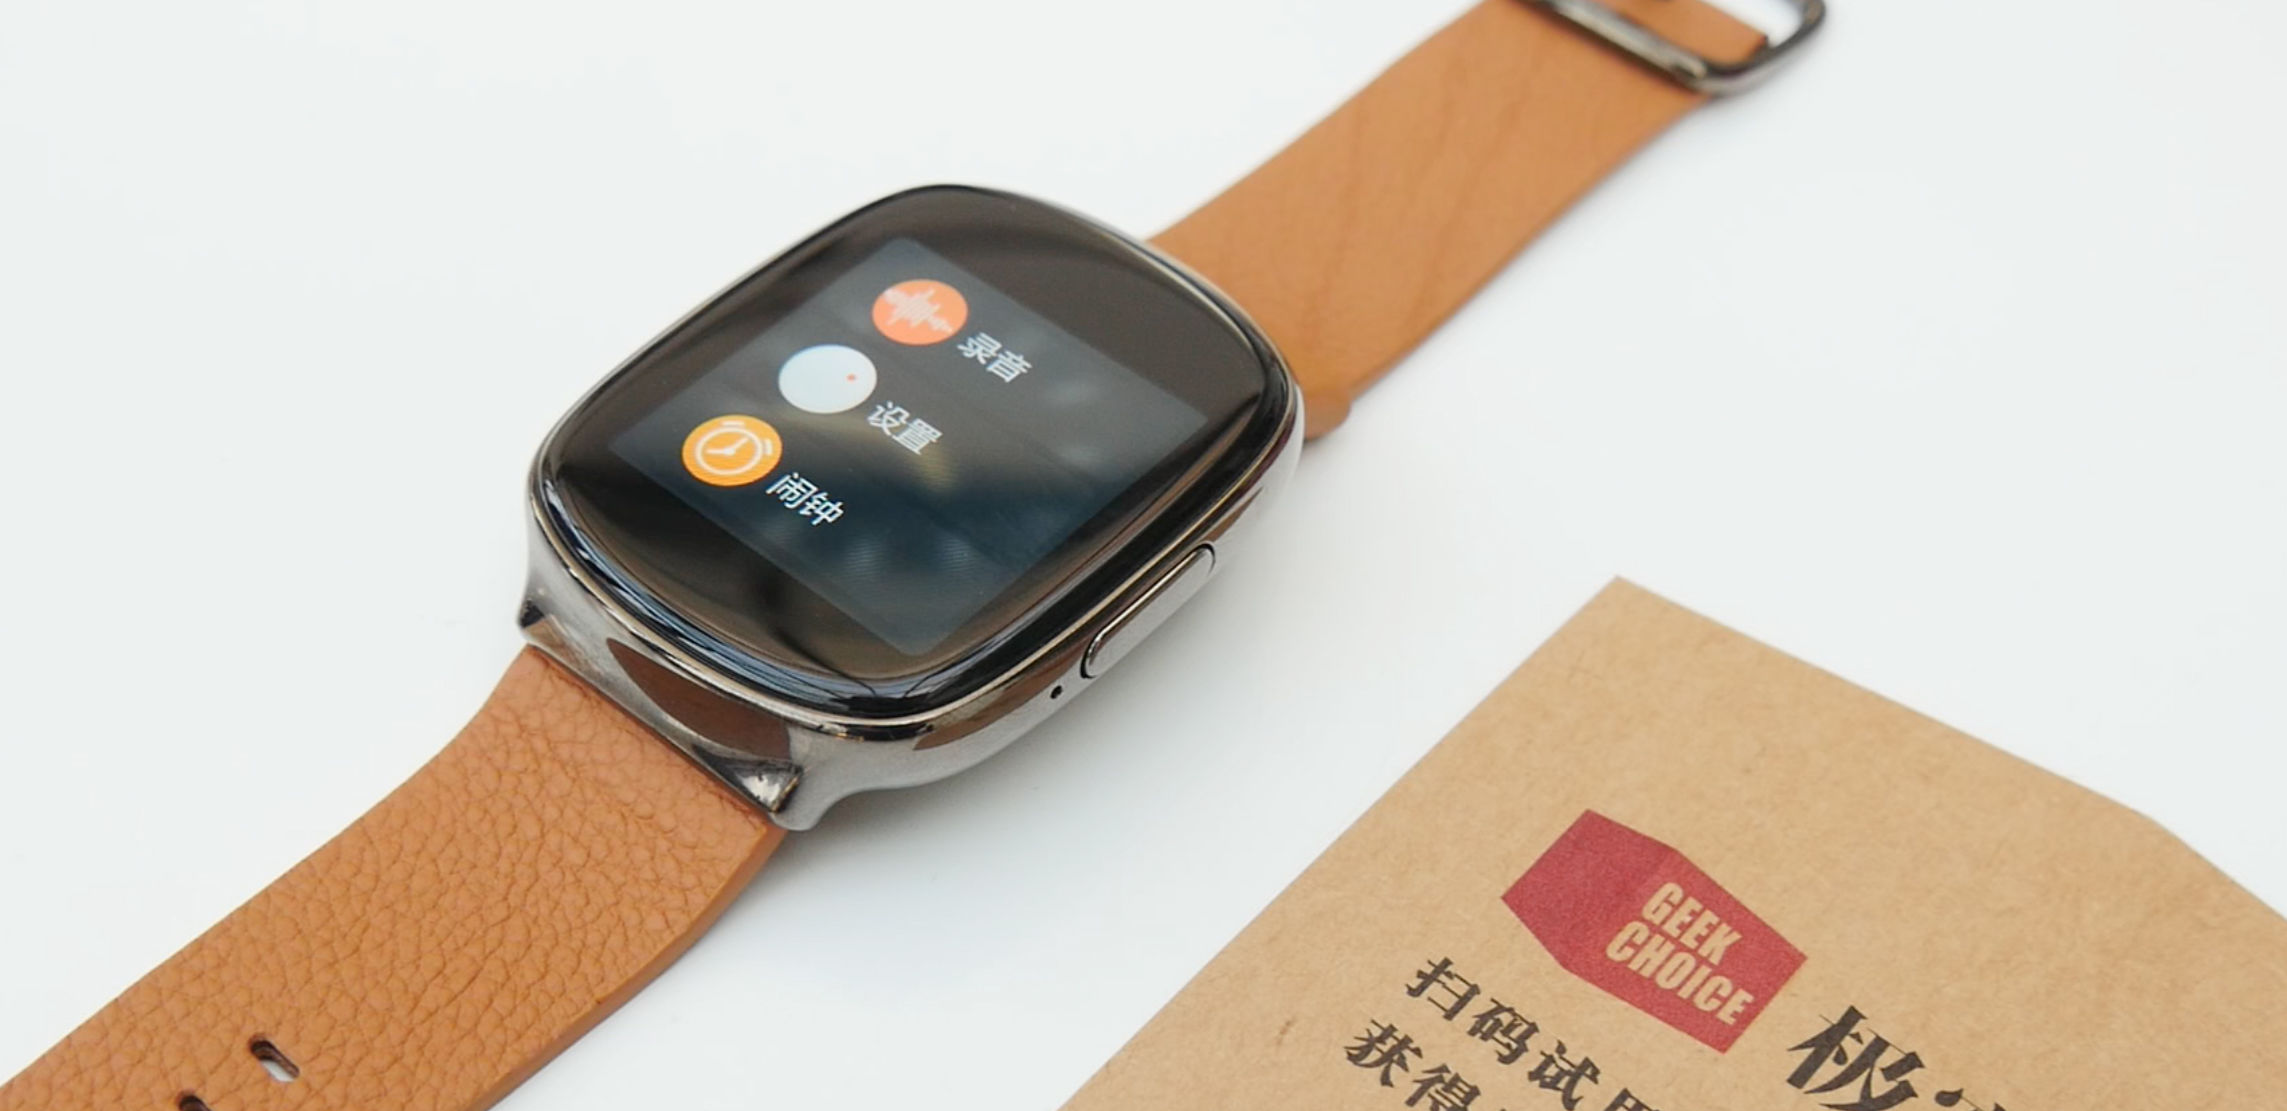 视频丨 PAY WATCH 上手:这款手表能让你更潇洒地「掏钱包」